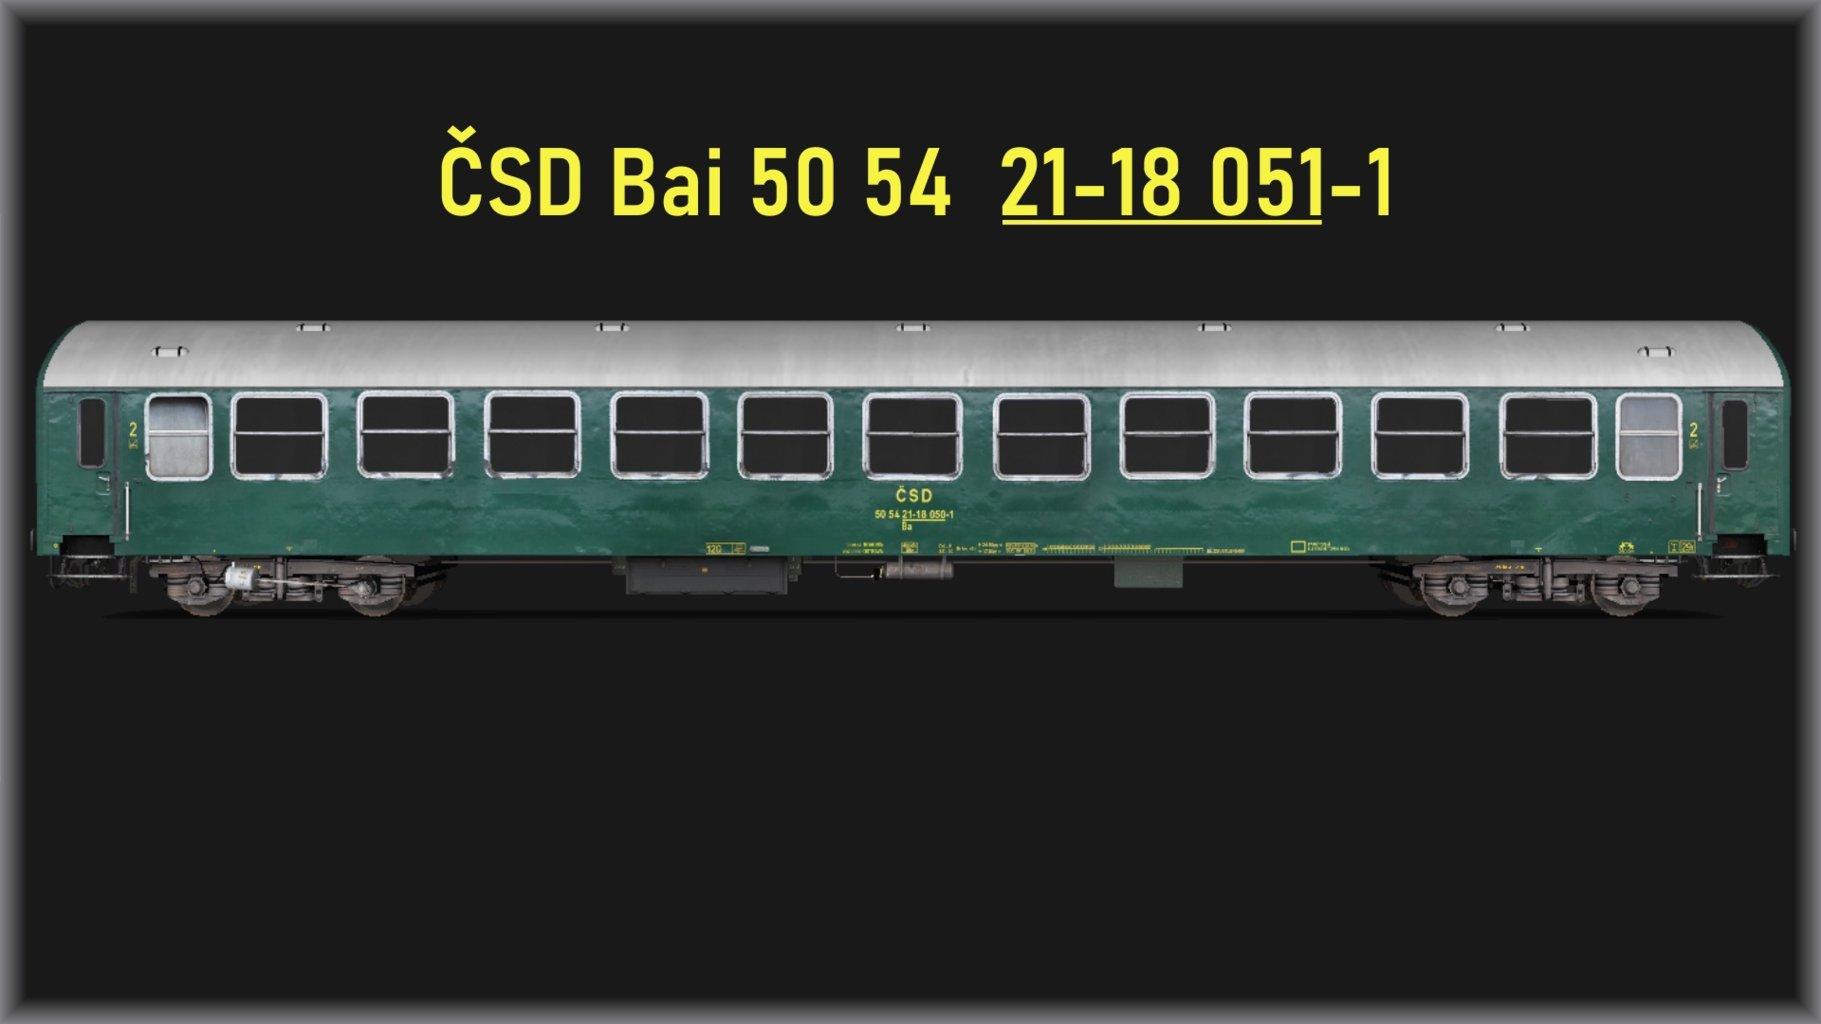 CSD_Bai050.1.jpg